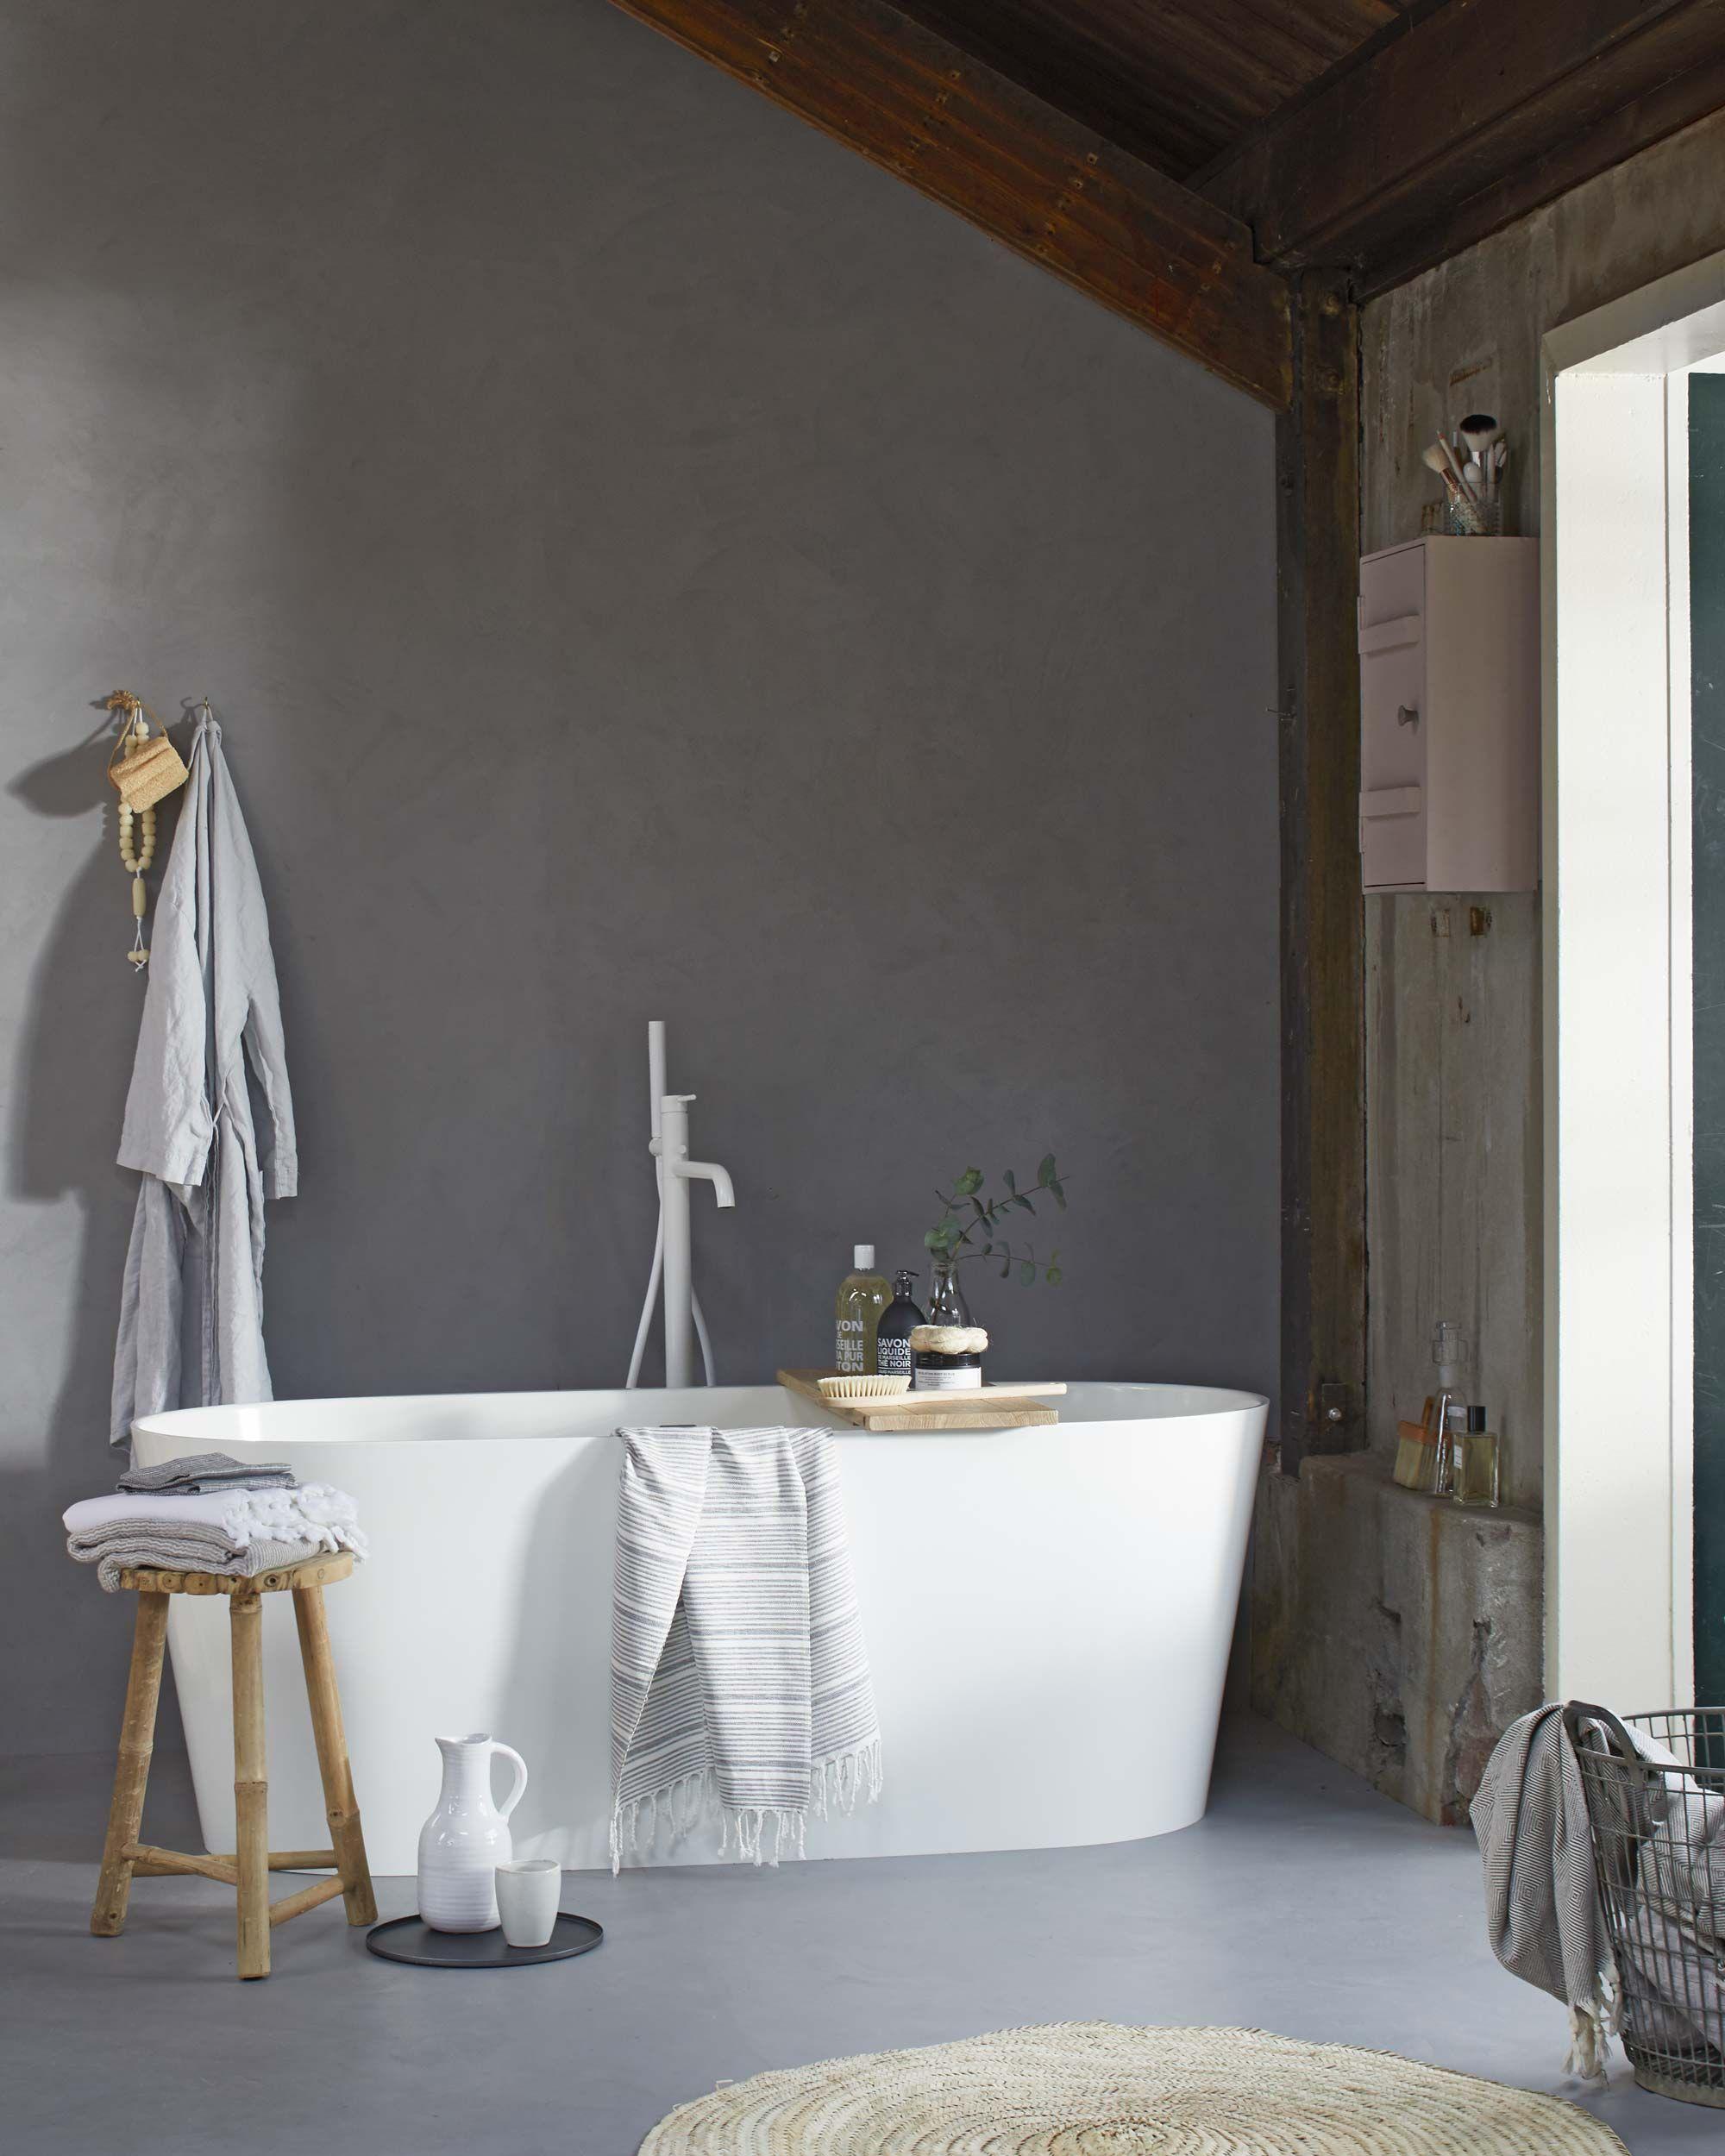 Voor iedere woonstijl een badkamer | vtwonen - Badkamer vernieuwen ...